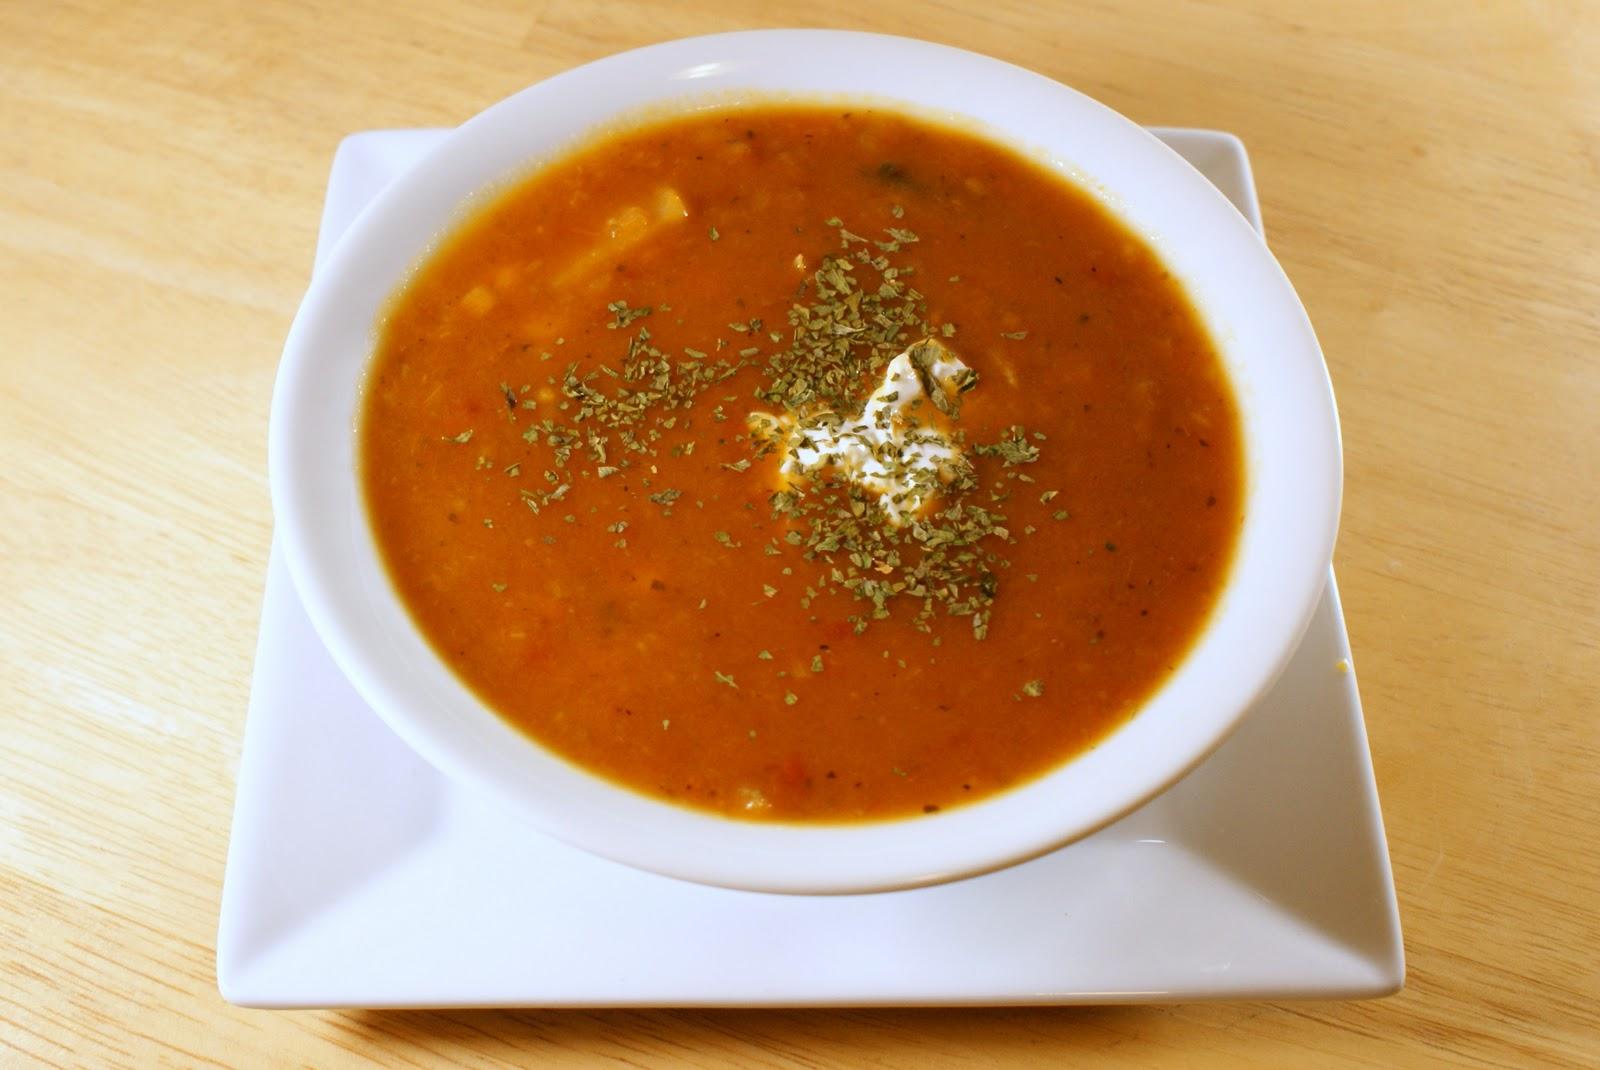 Рецепт куриный суп с перцем Тринидад Моруга Скоприон